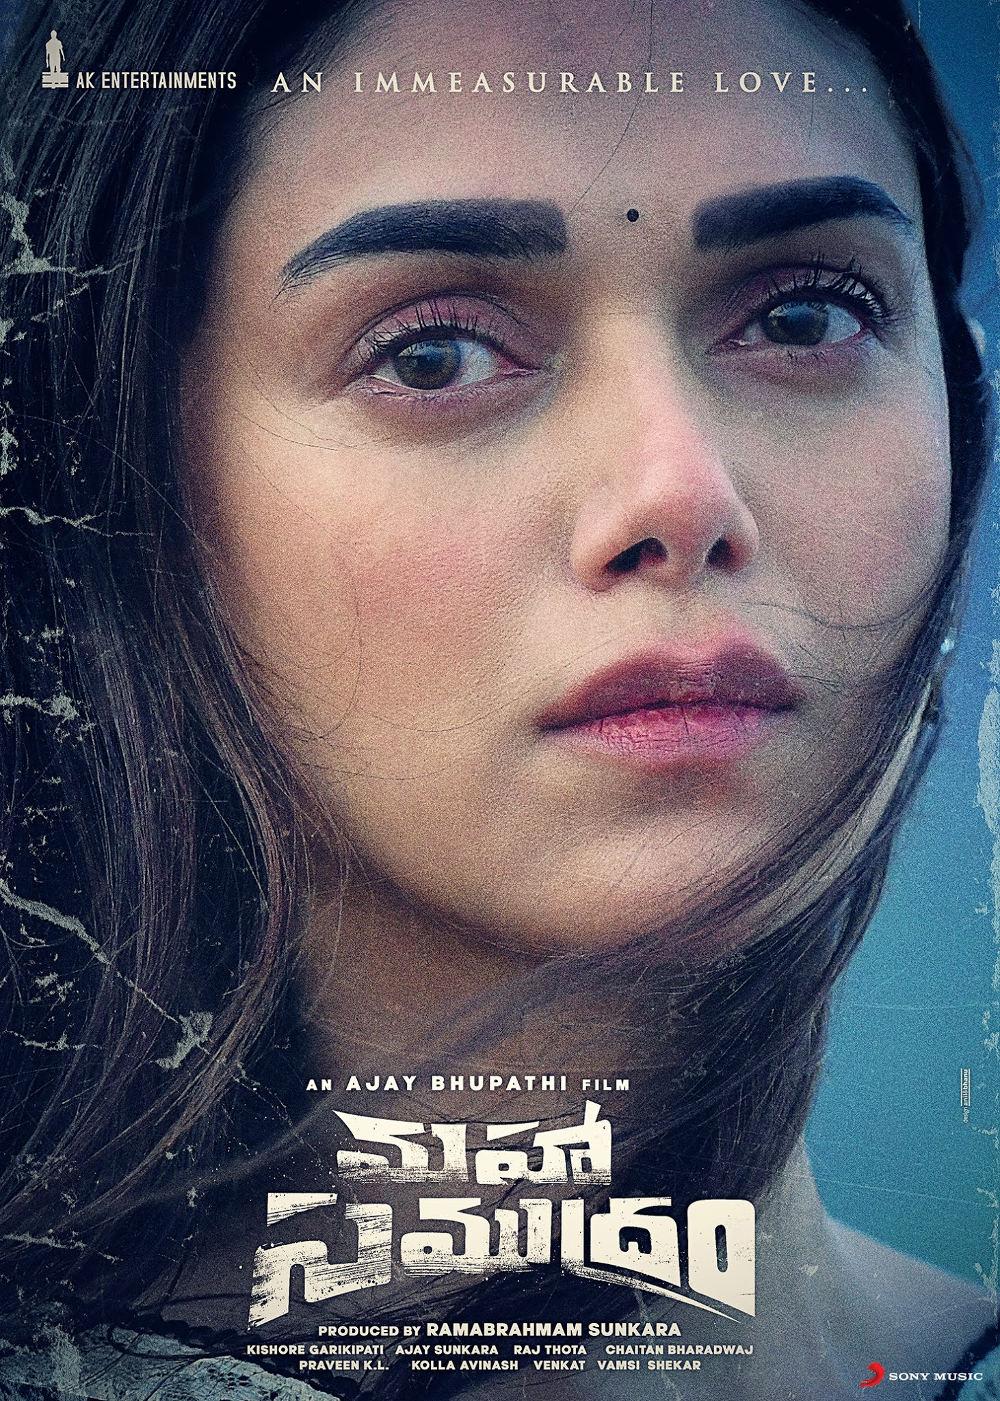 Maha Samudram Aditi Rao Hydari first look poster